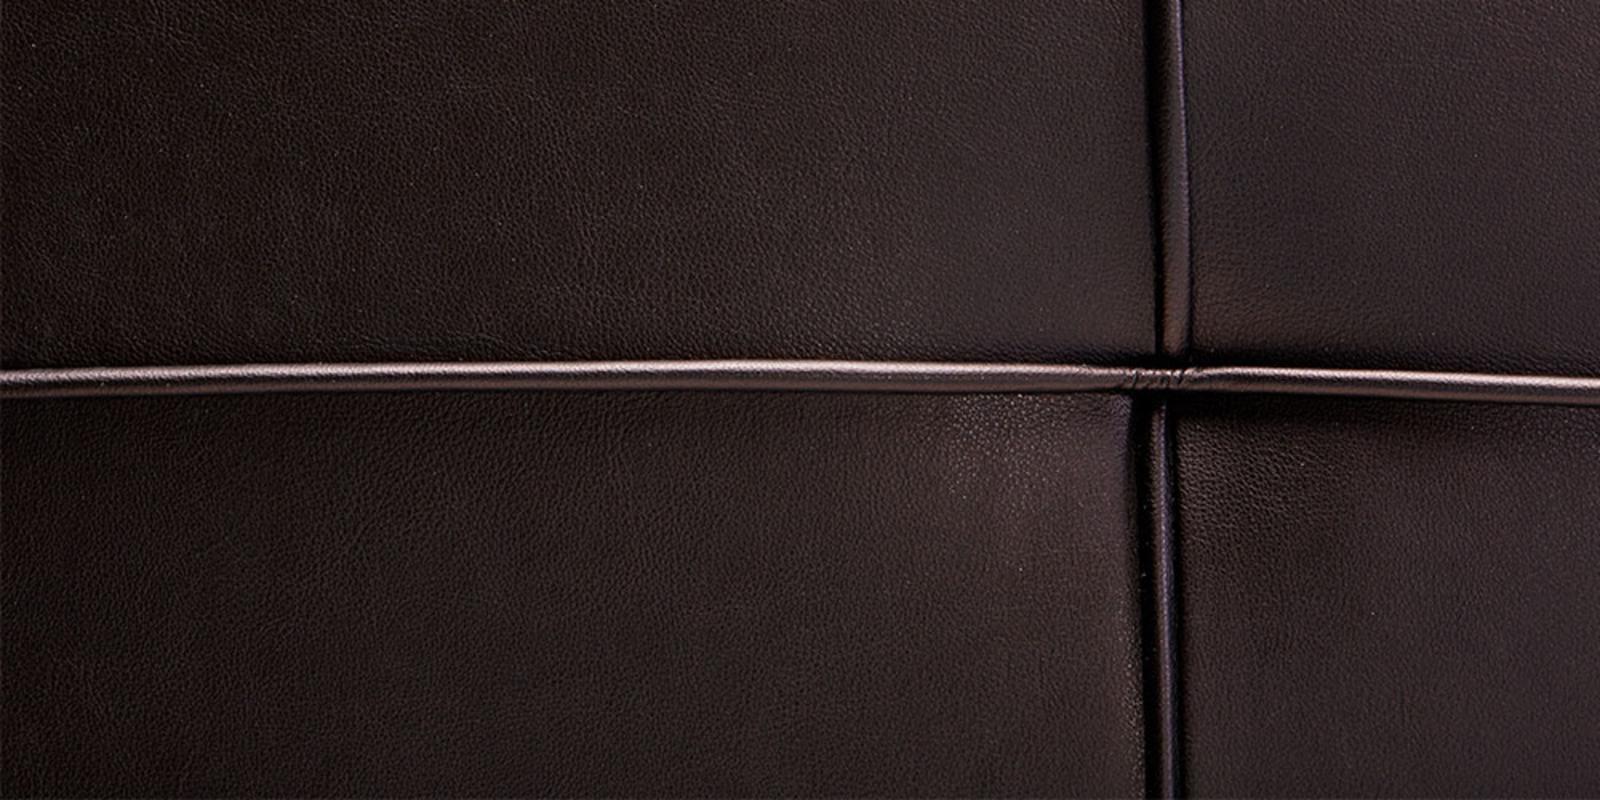 Кровать мягкая 200х160 Лайф вариант №1 без подъемного механизма (Шоколад) от HomeMe.ru